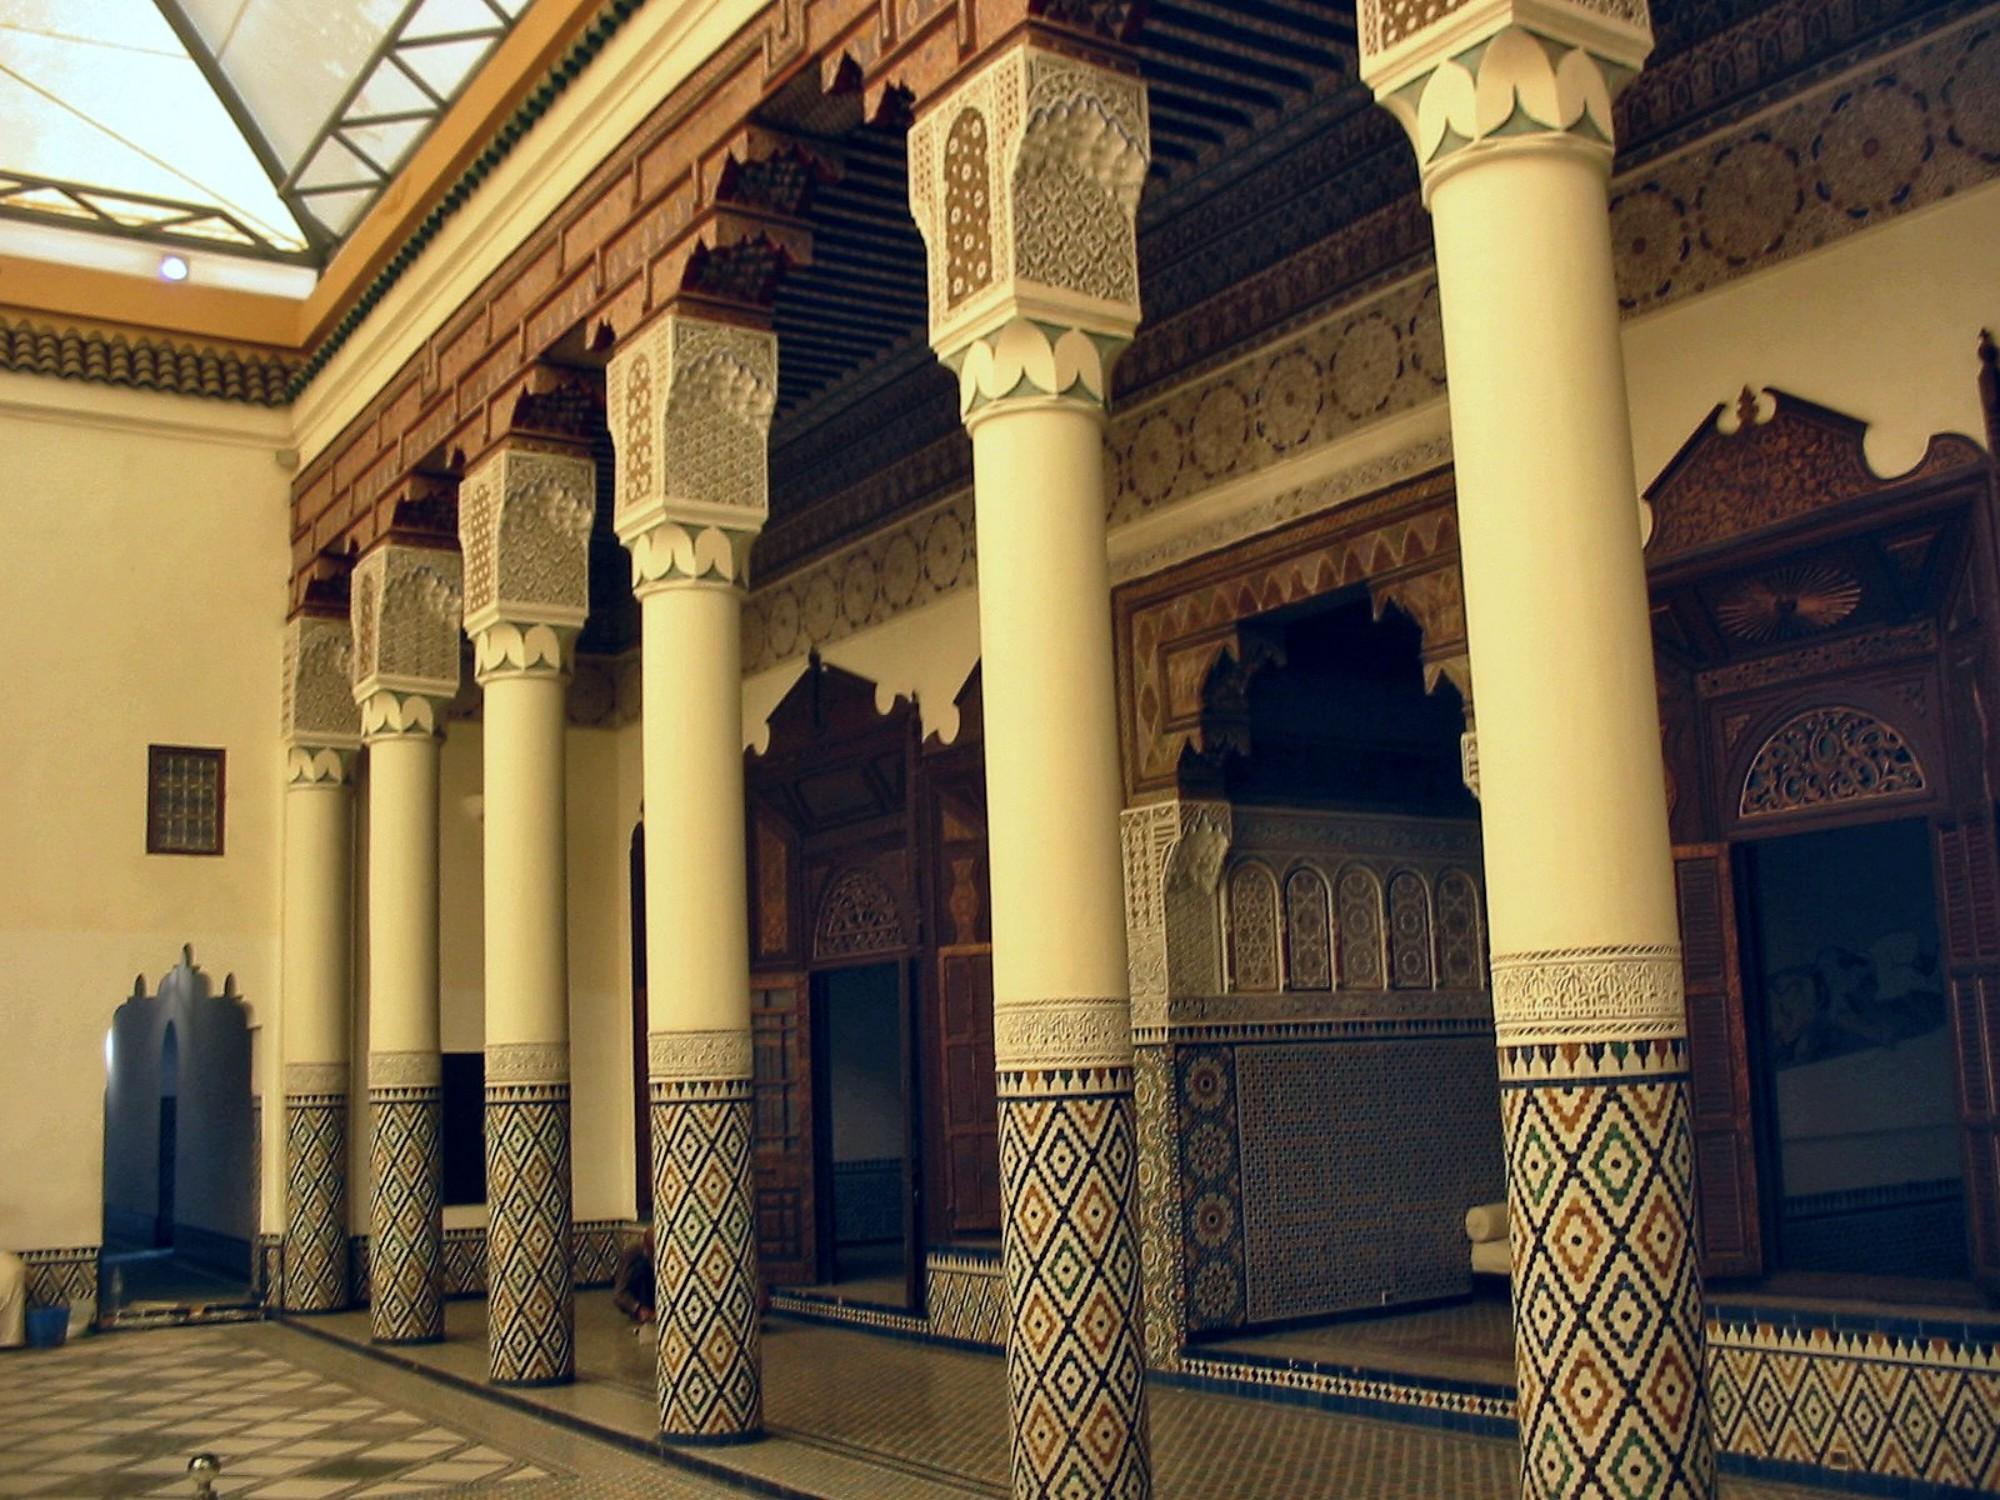 Museo de Marrakech, un Riad histórico y cultural - Viajeros por el Mundo